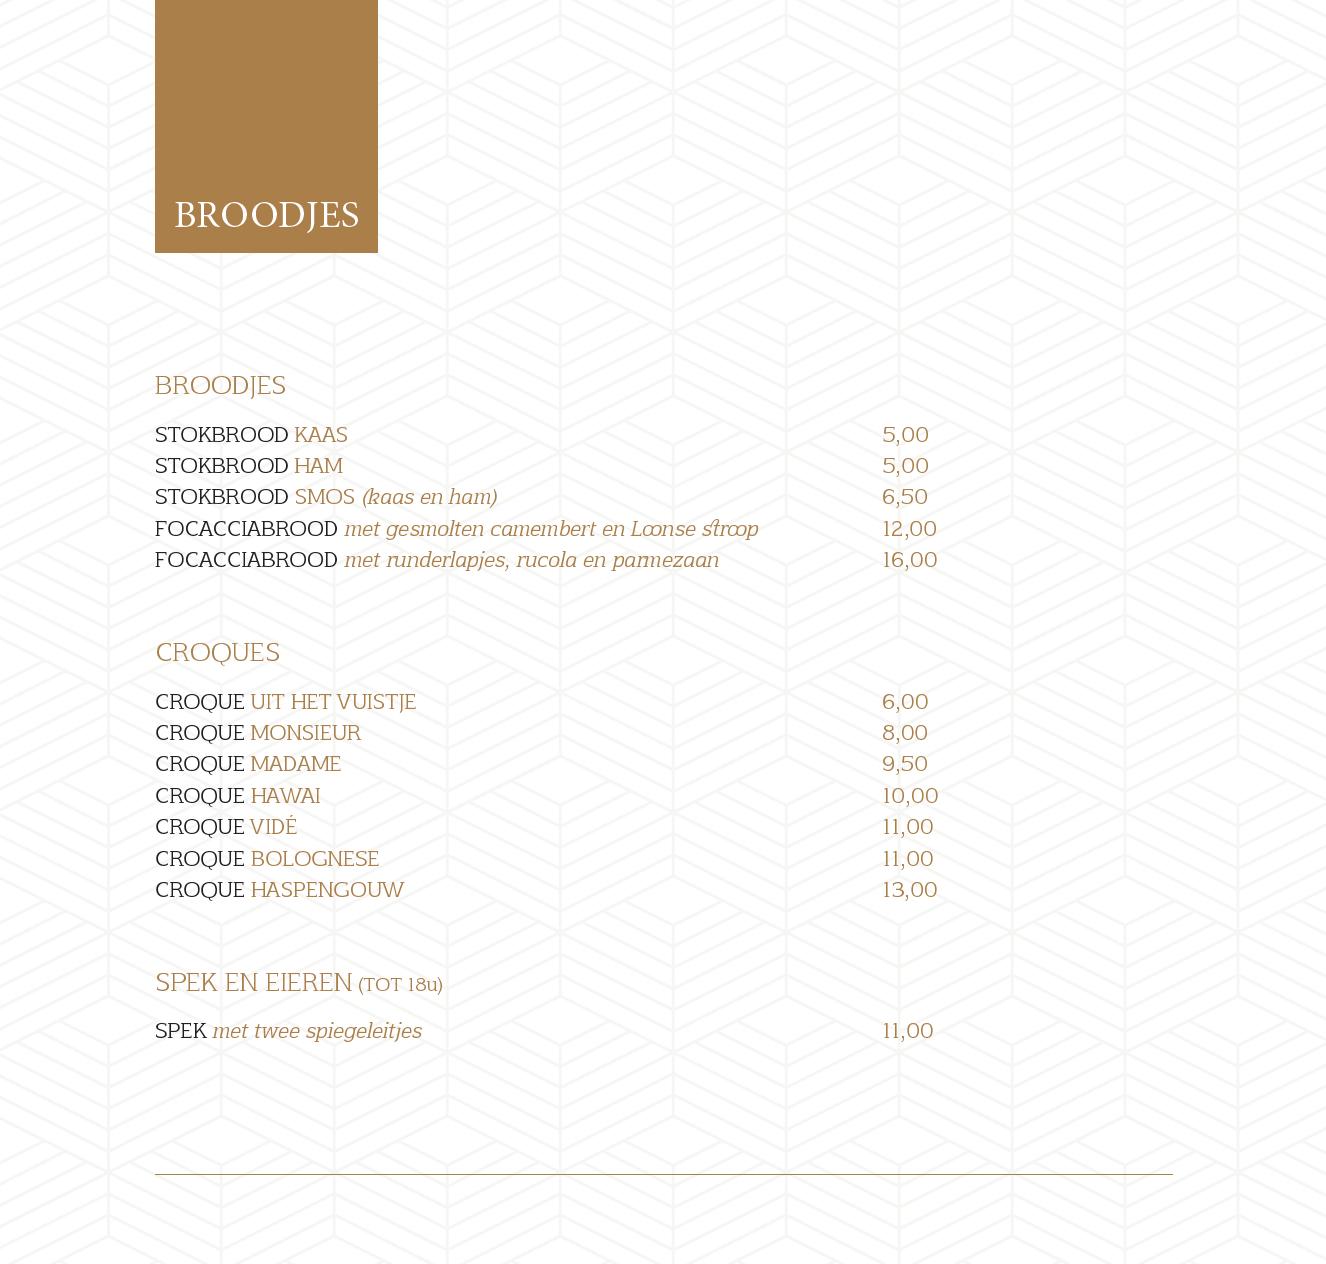 menukaart 18